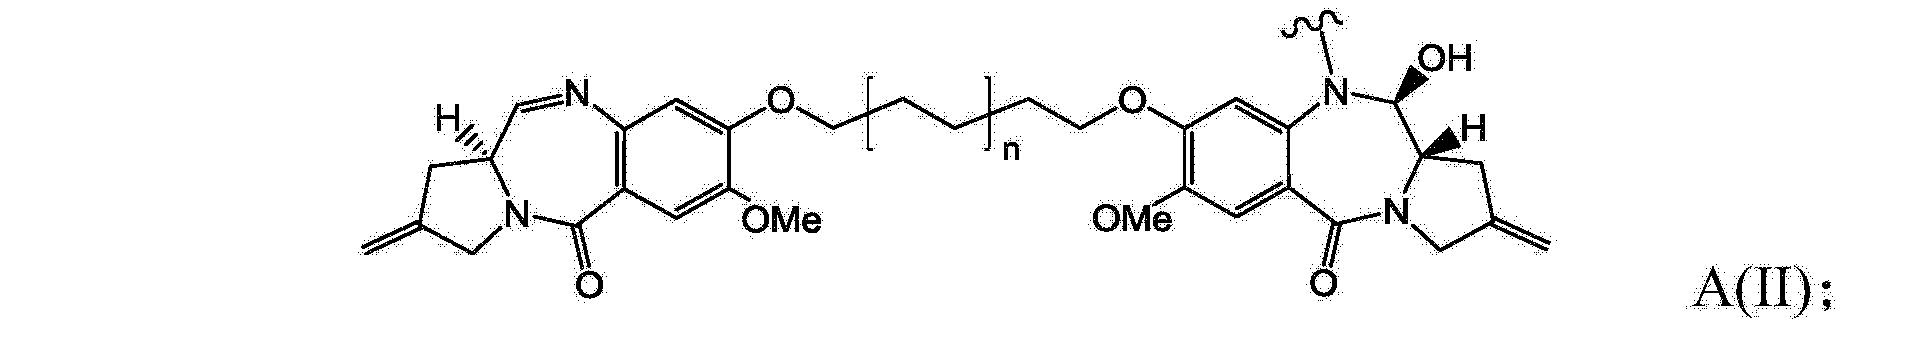 Figure CN104540524AC00032